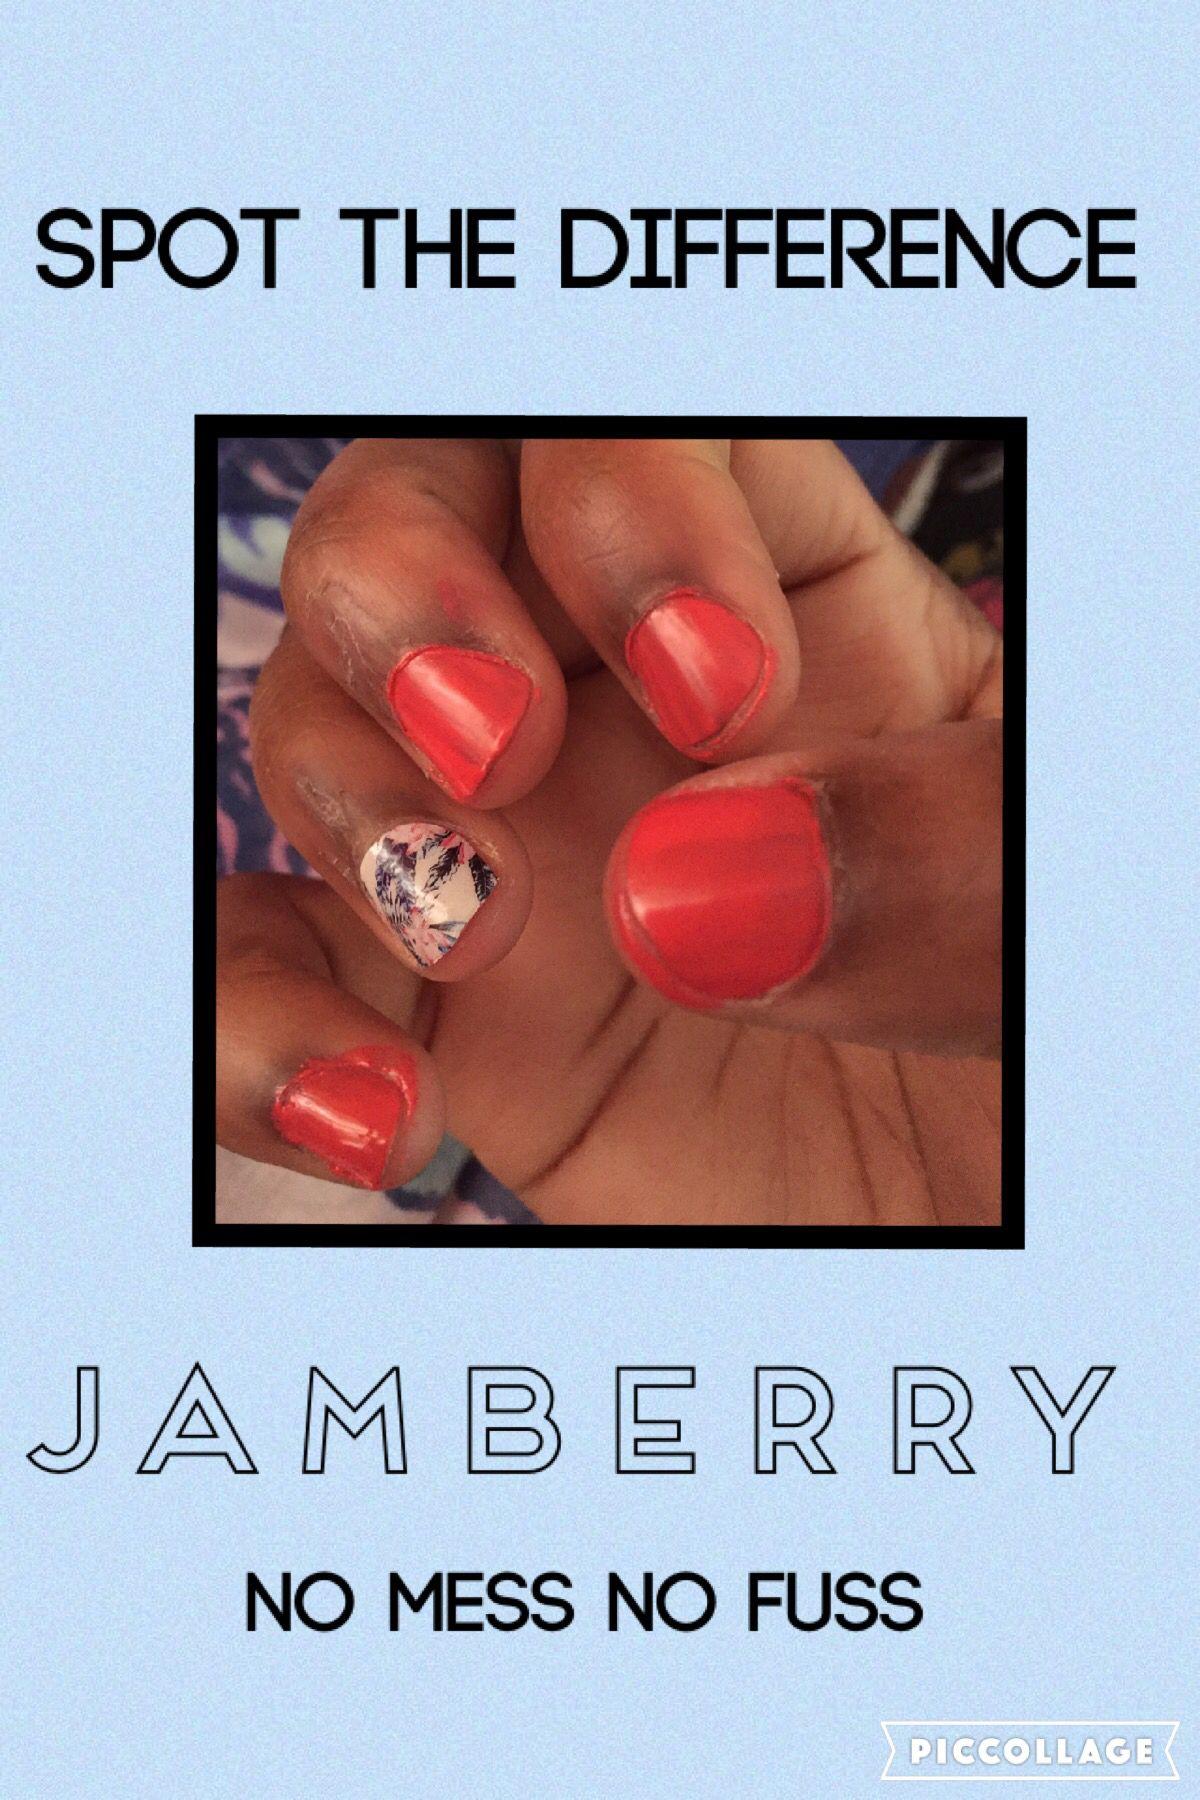 Jamberry no mess no fuss